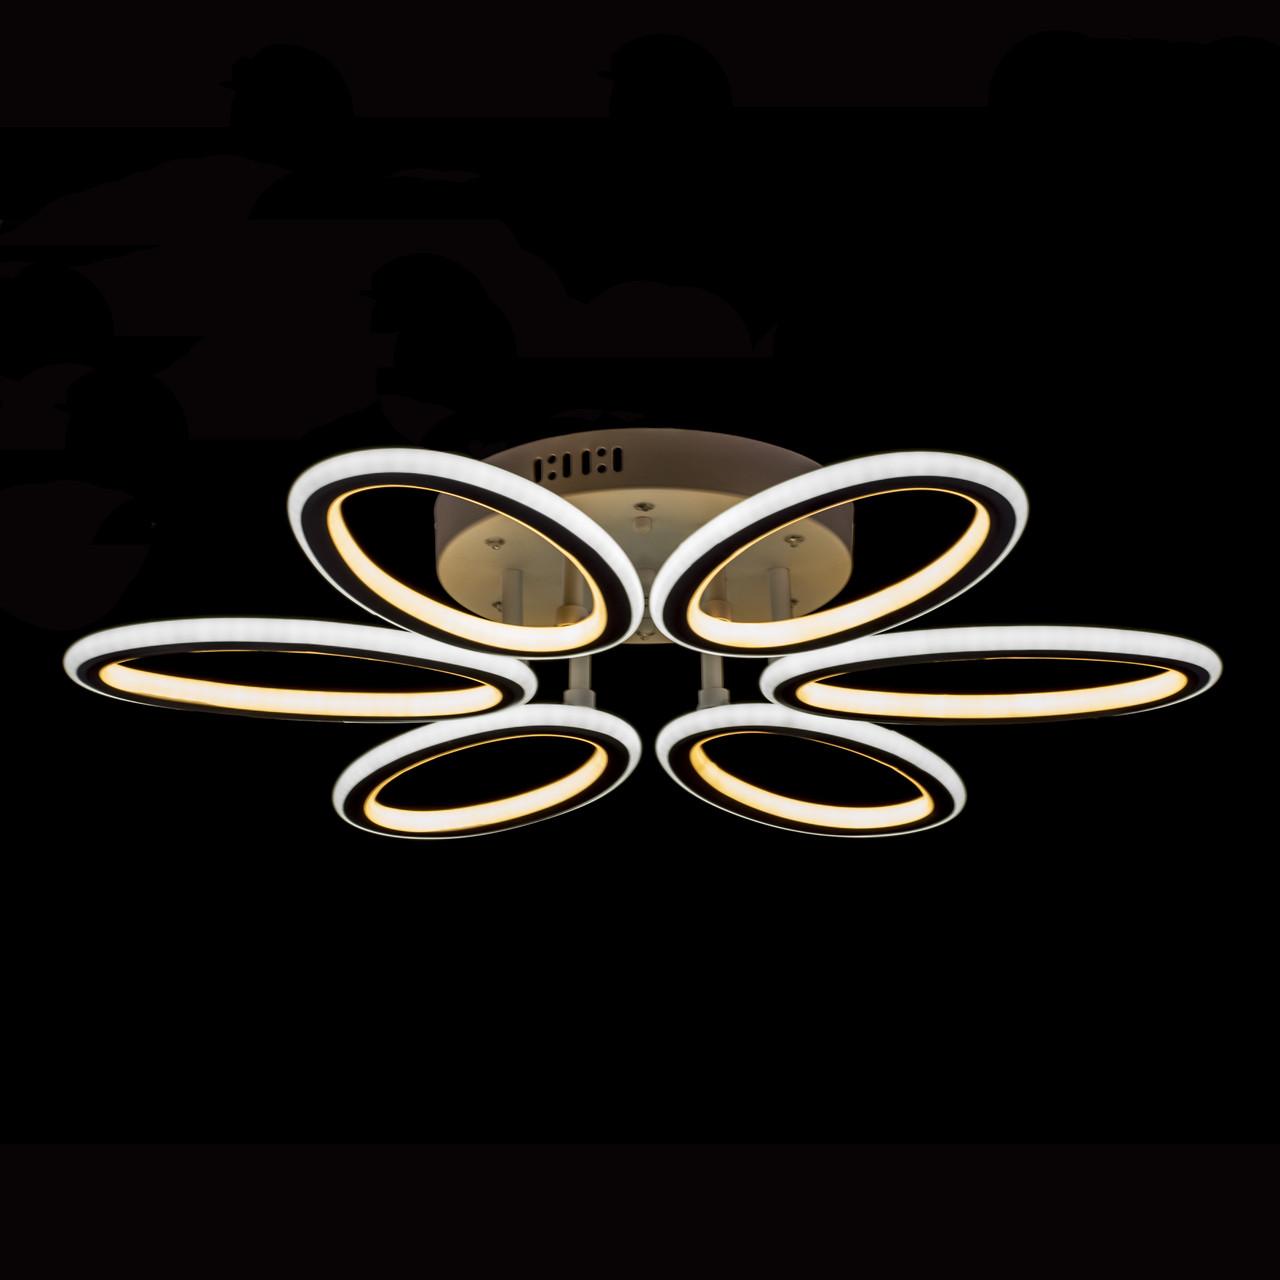 Светодиодная (LED) люстра Прометей  с диодной подсветкой P5-YT082/6/WT